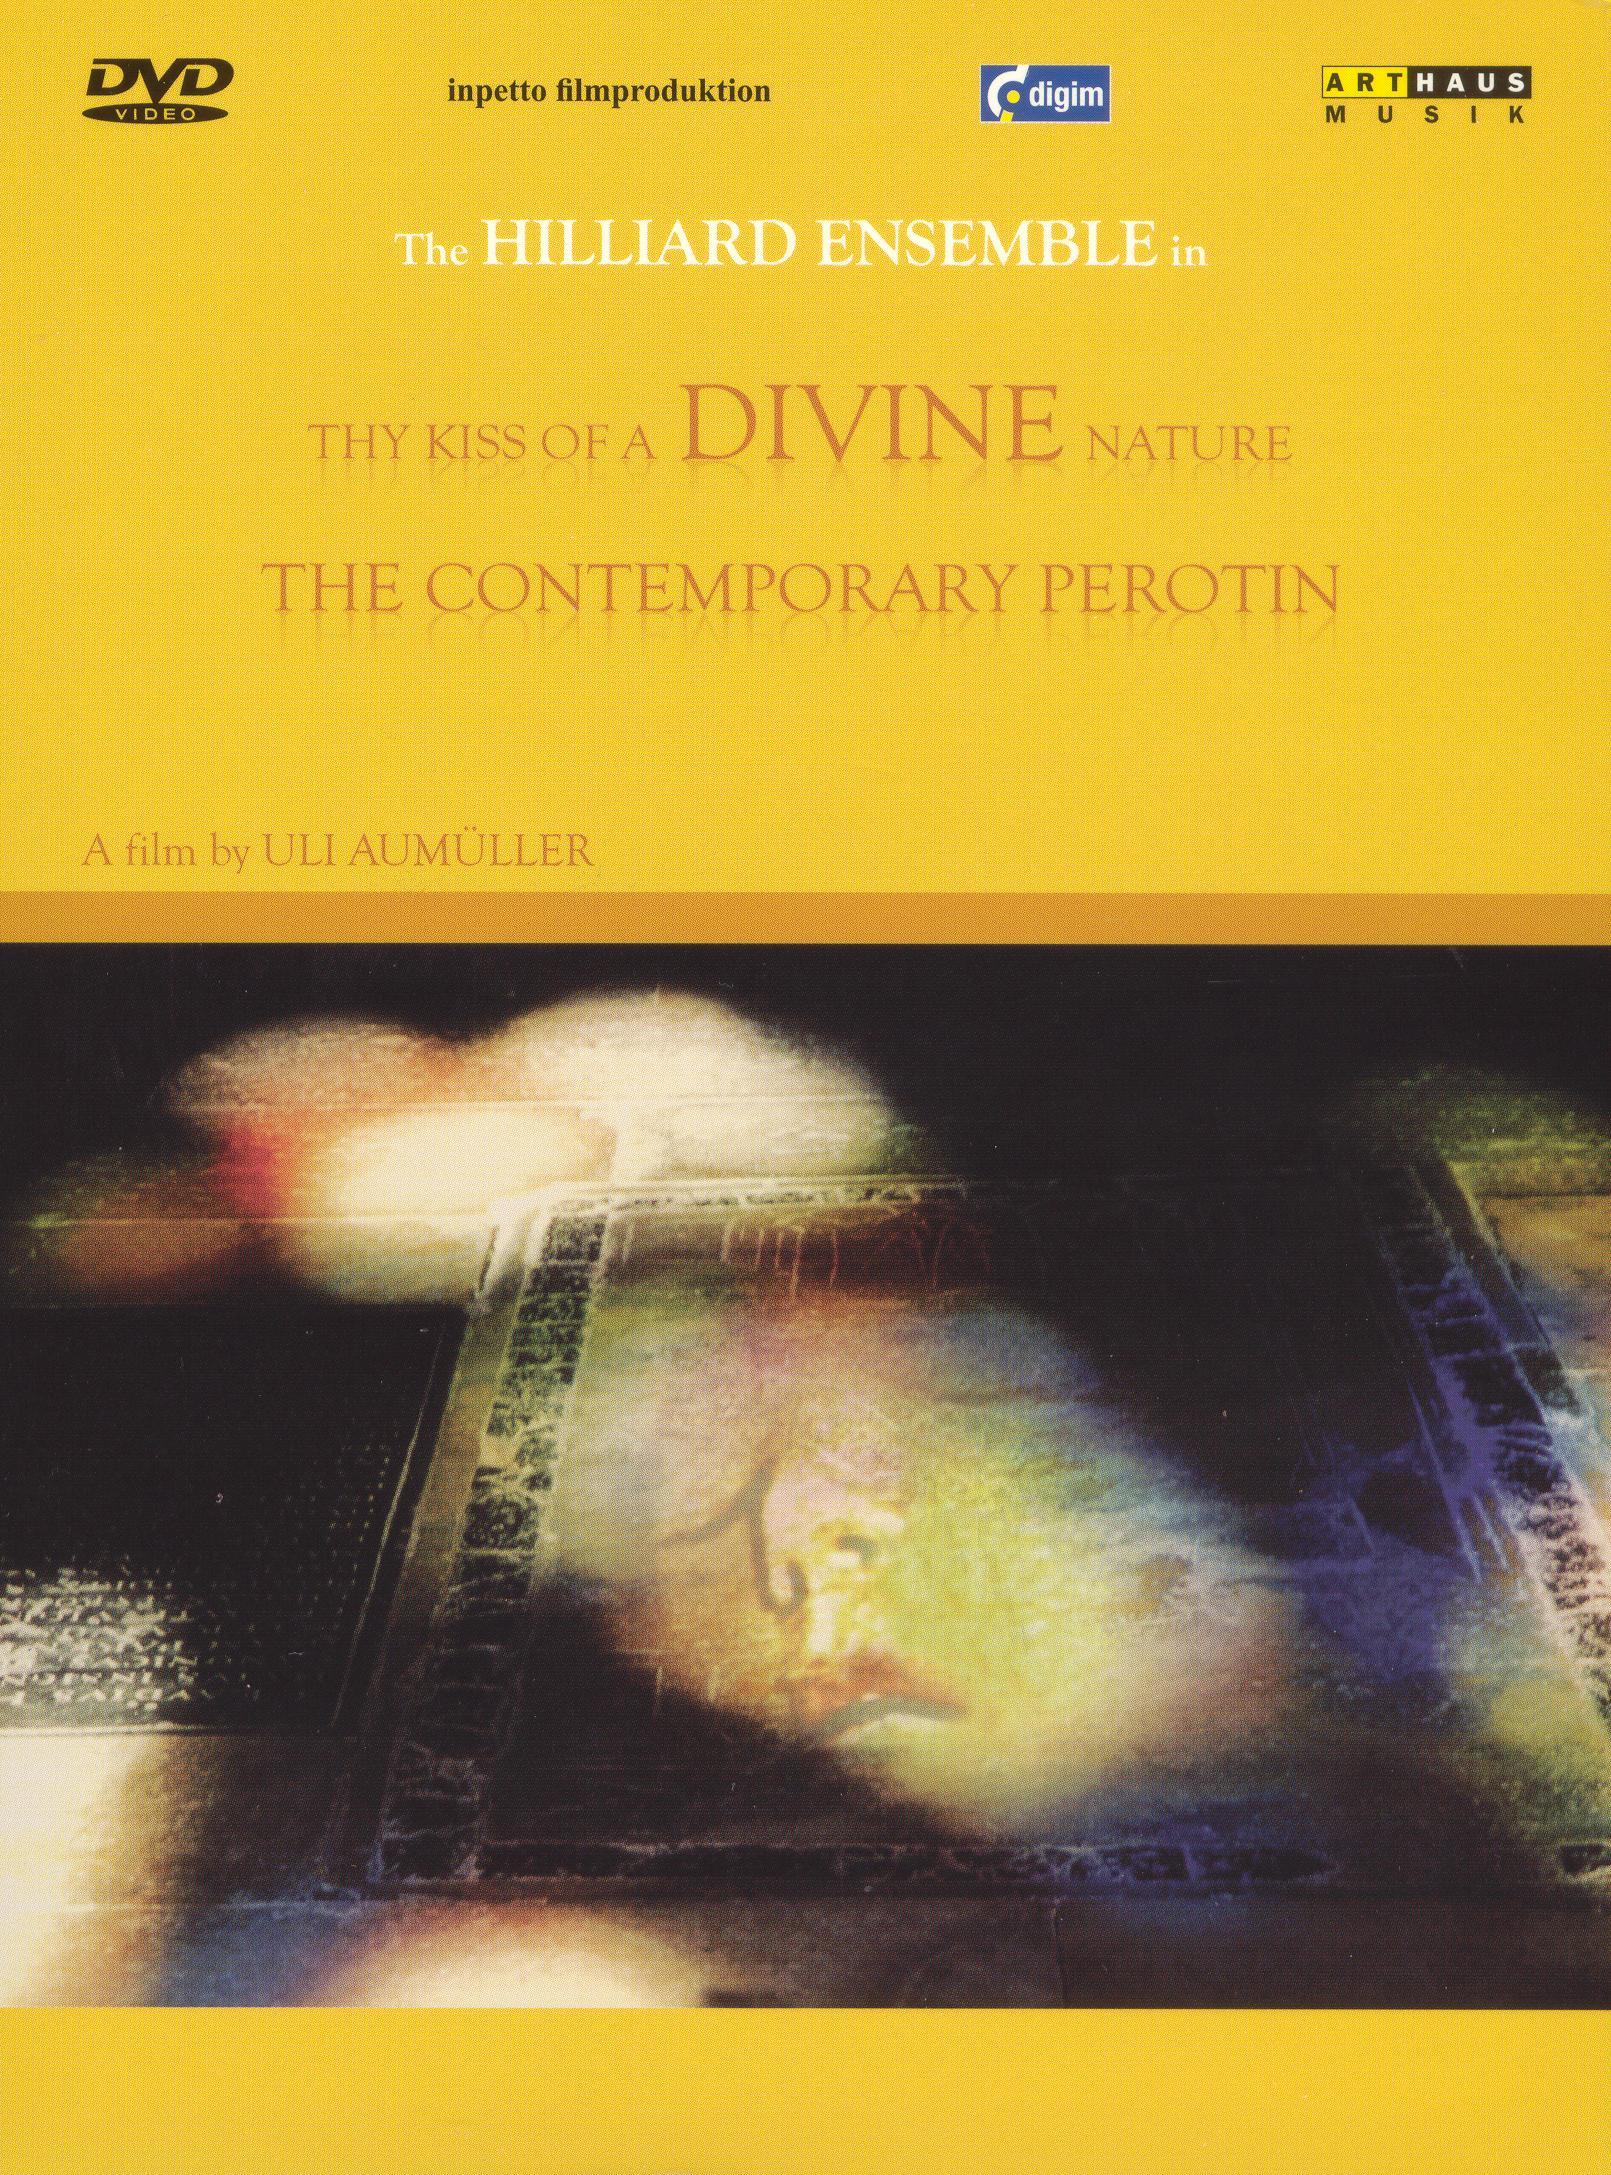 The Hillard Ensemble: Kiss of a Divine